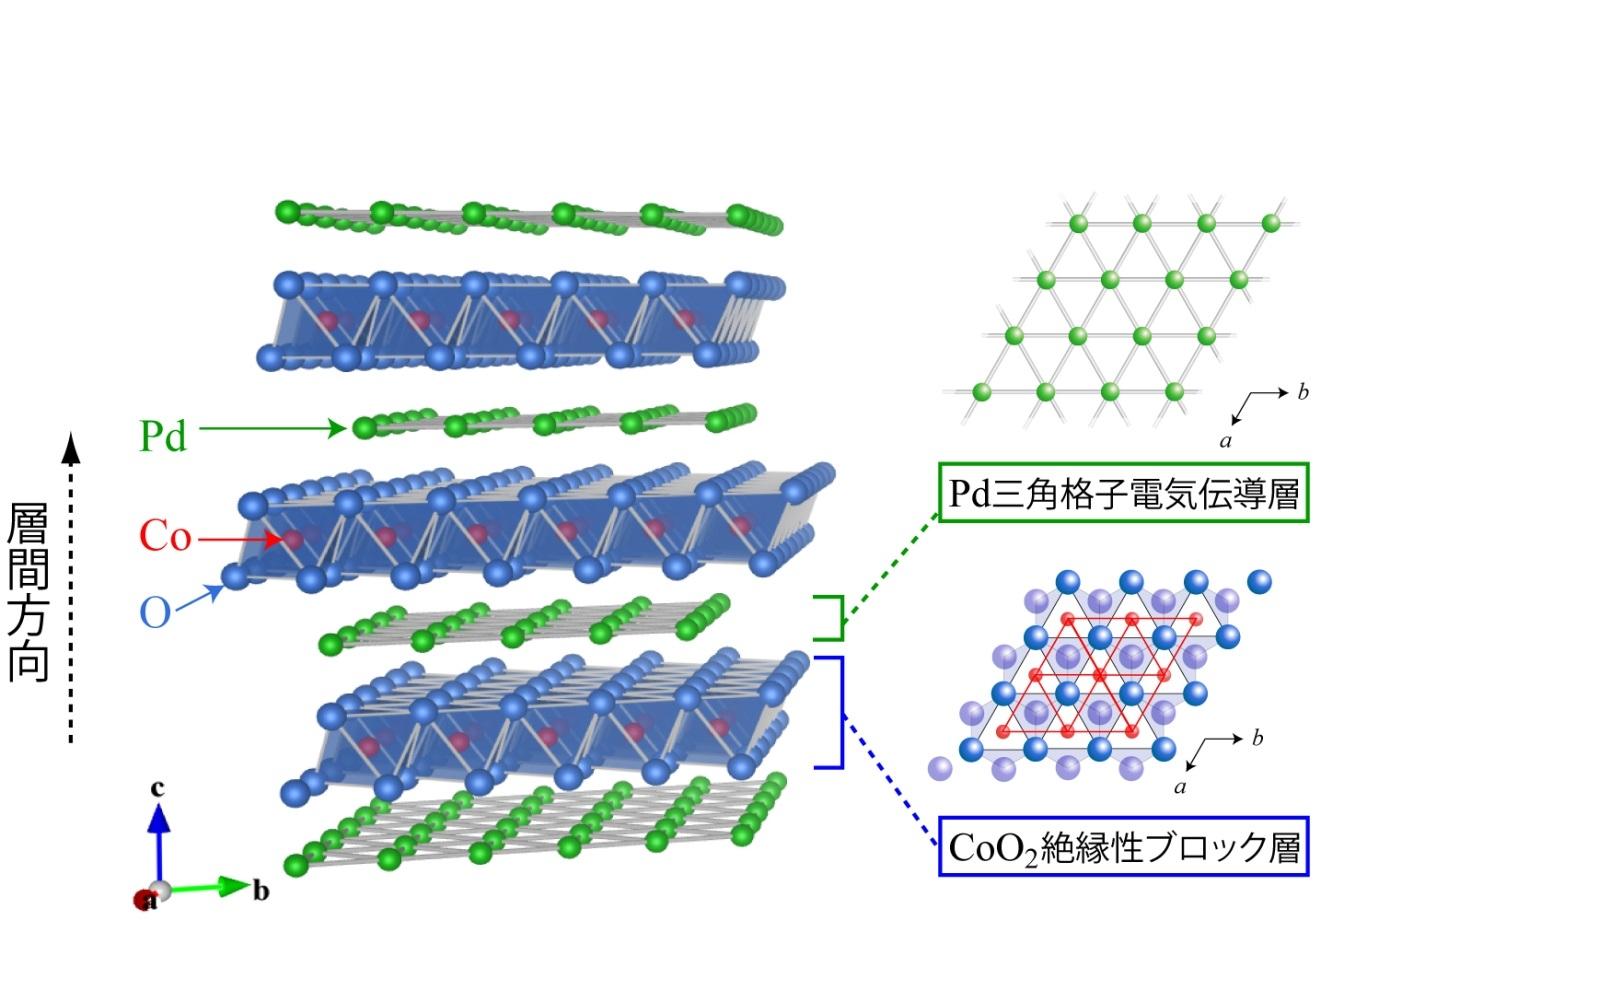 図1. PdCoO2の結晶構造